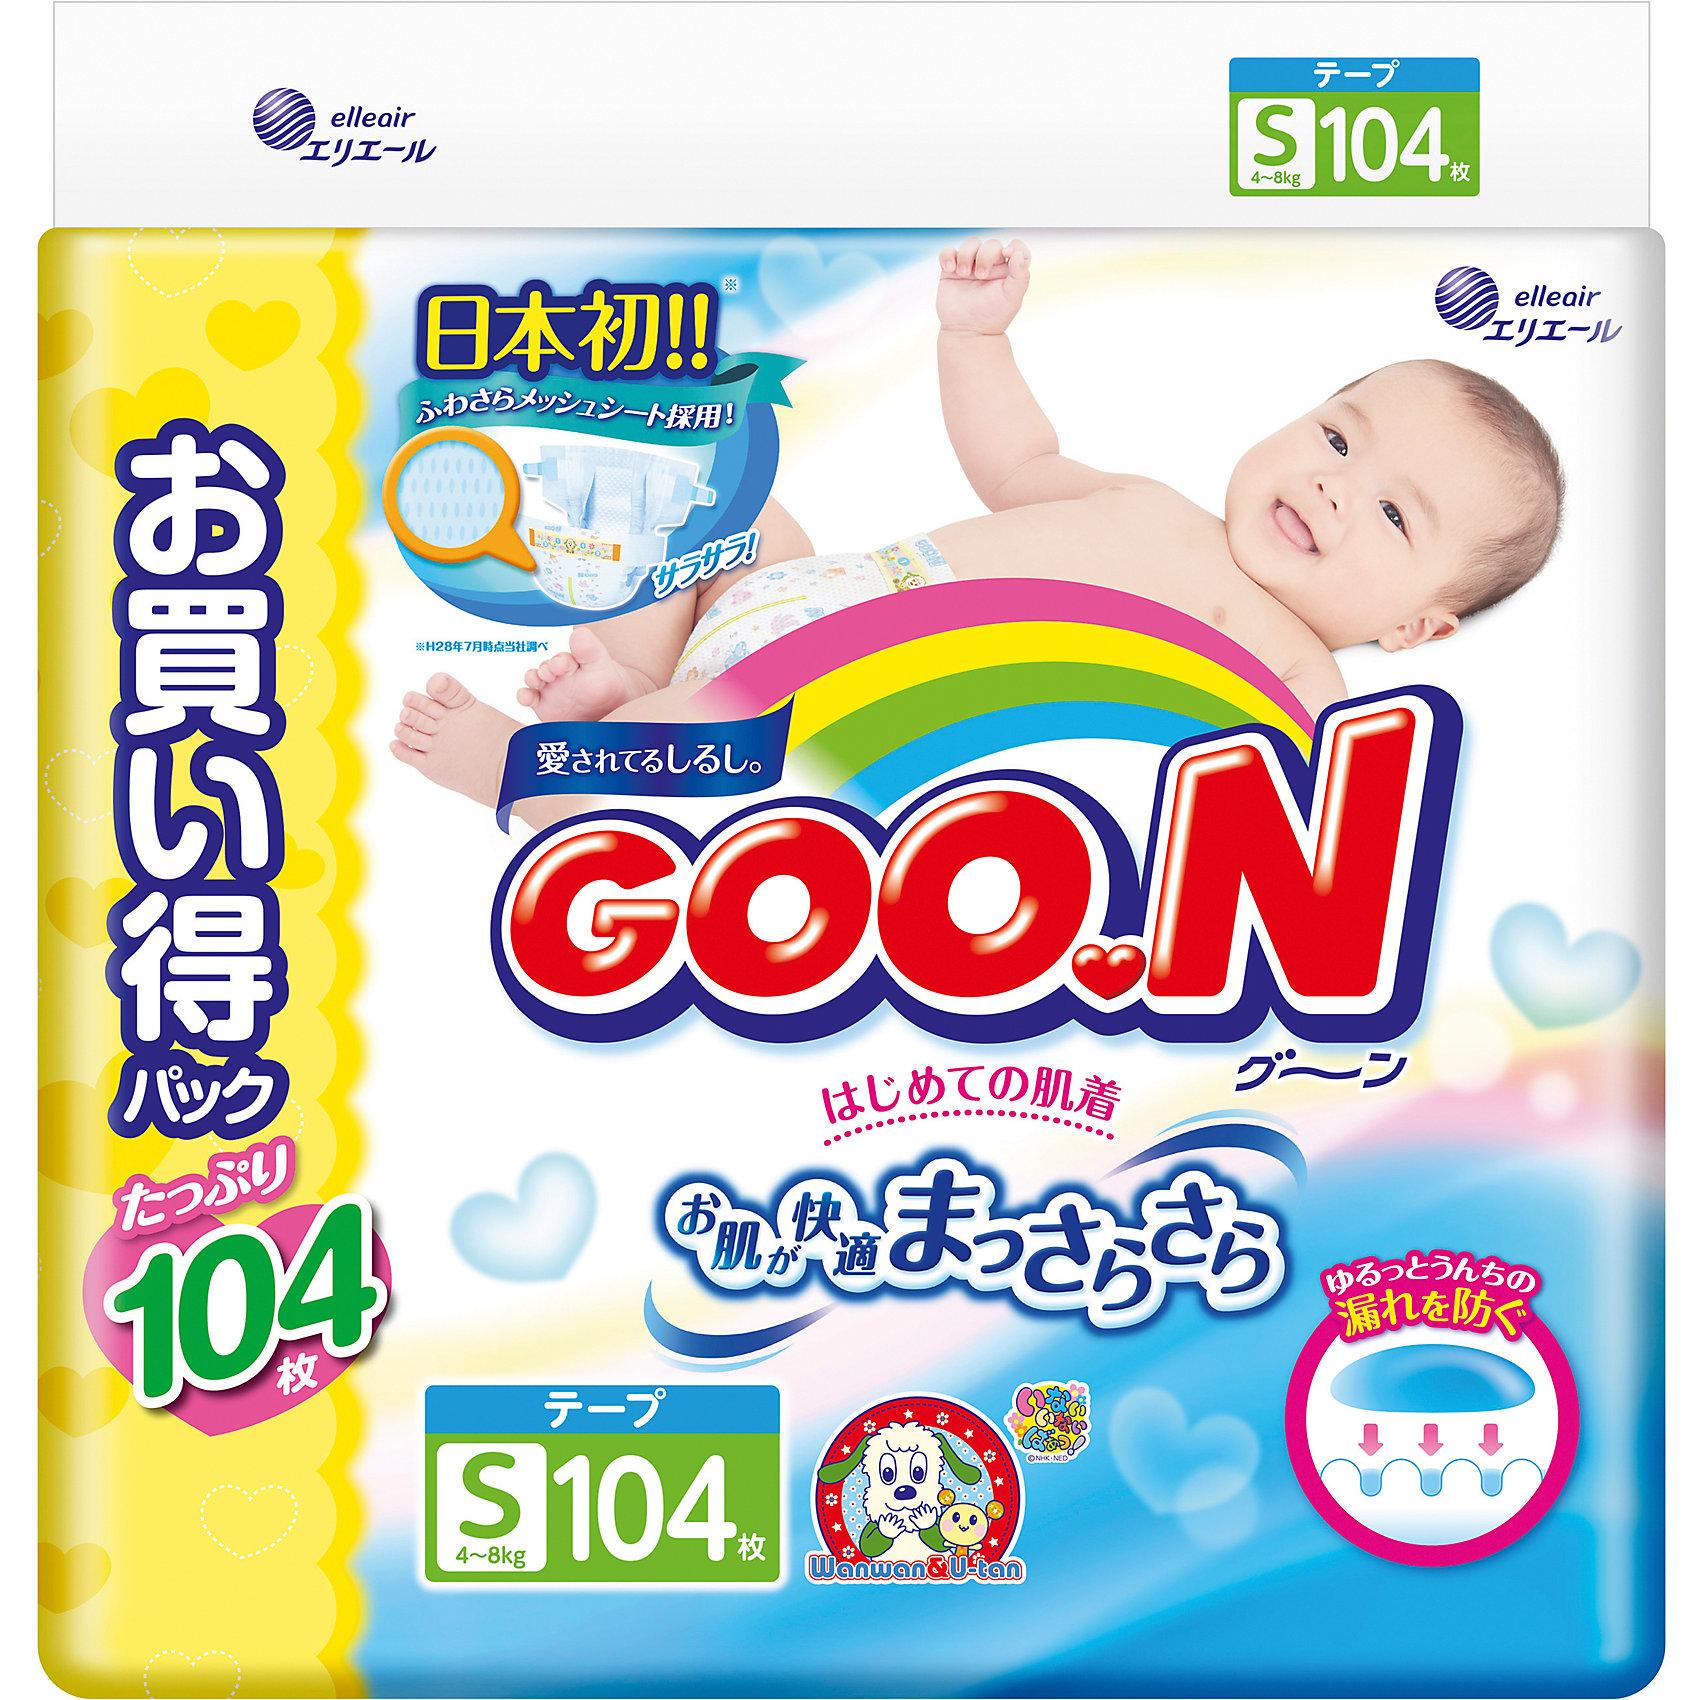 Подгузники ULTRA JUMBO PACK, S 4-8 кг., 104 шт., GoonПодгузники до 5 кг.<br>Японские подгузники GOO.N на липучках позаботятся о вашем малыше с самого рождения. Все их детали, которые касаются нежной кожи ребенка, отличаются необыкновенной мягкостью.<br>Благодаря новейшей технологии увеличения неровностей в трехмерной проекции, поверхность подгузника, контактирующая с кожей малыша, всегда сухая и гладкая!<br><br>Ширина мм: 370<br>Глубина мм: 453<br>Высота мм: 125<br>Вес г: 2850<br>Возраст от месяцев: 1<br>Возраст до месяцев: 6<br>Пол: Унисекс<br>Возраст: Детский<br>SKU: 5540879